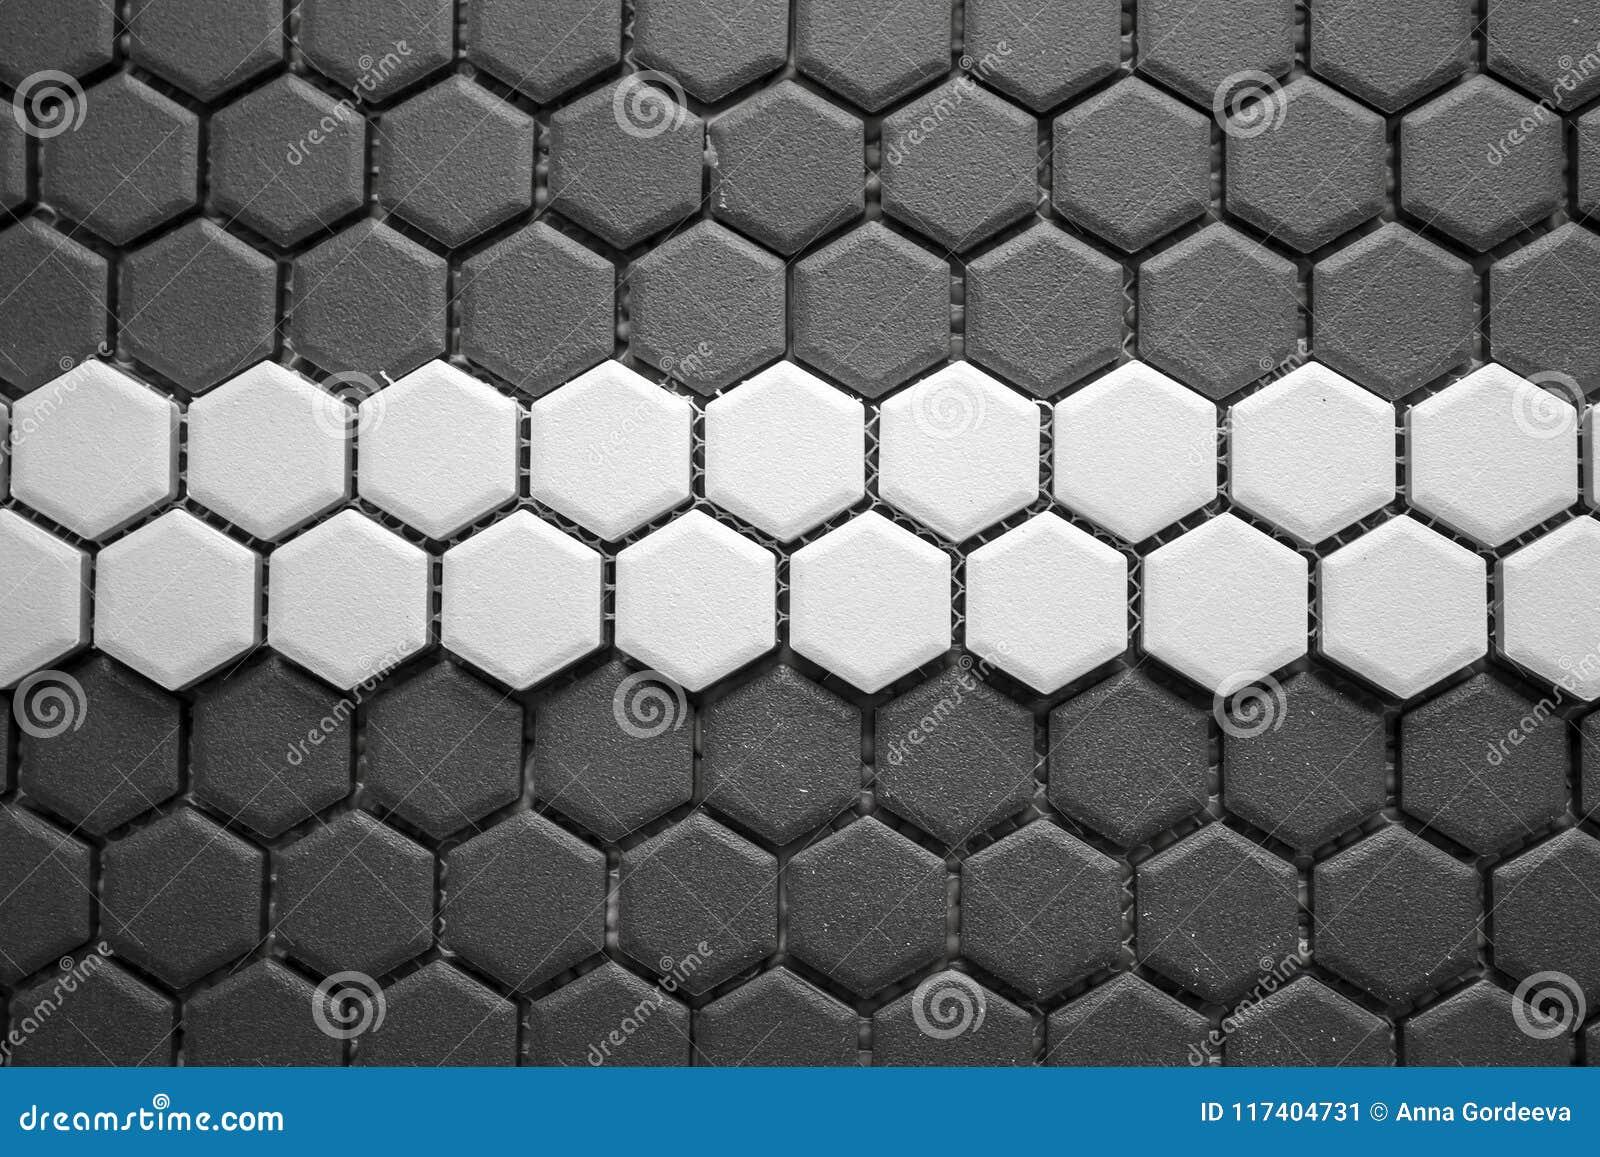 Ceramicznych płytek mozaika robić szarzy rhombuses z białym lampasem w środku, bez grouting bazy i kleidła,